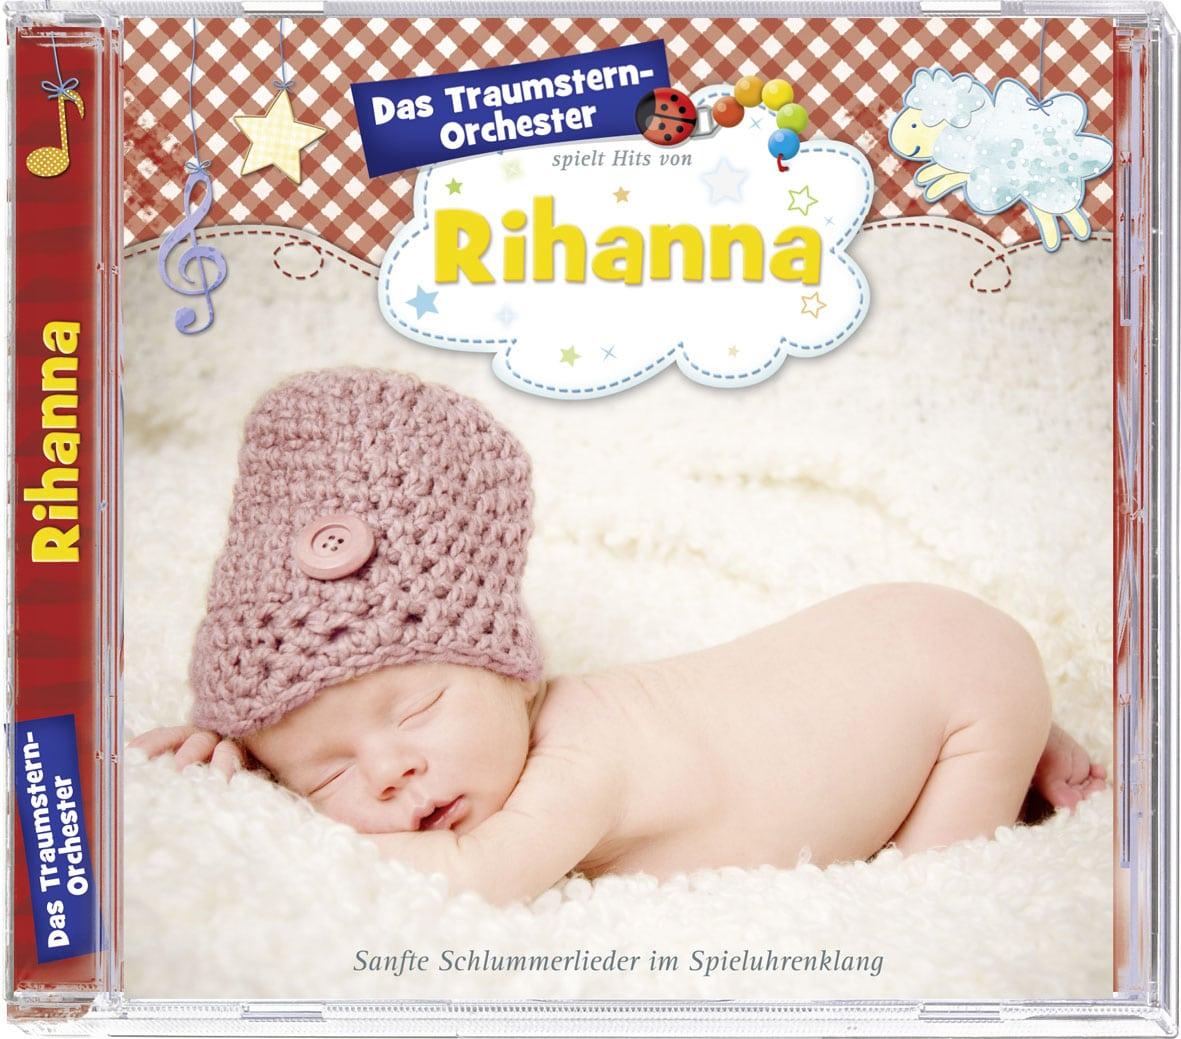 """Hits als Spieluhr-Musik: 3x """"Traumstern-Orchester""""-CD zu gewinnen"""